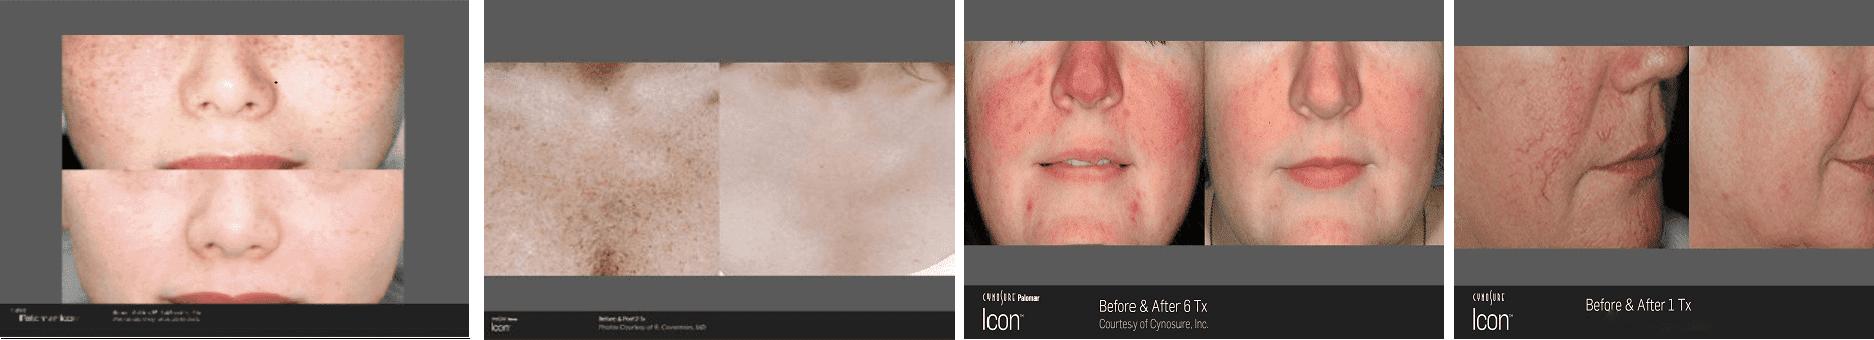 Cynosure Icon Laser Treatment Gallery El Segundo Ca Pure Luxe Medical